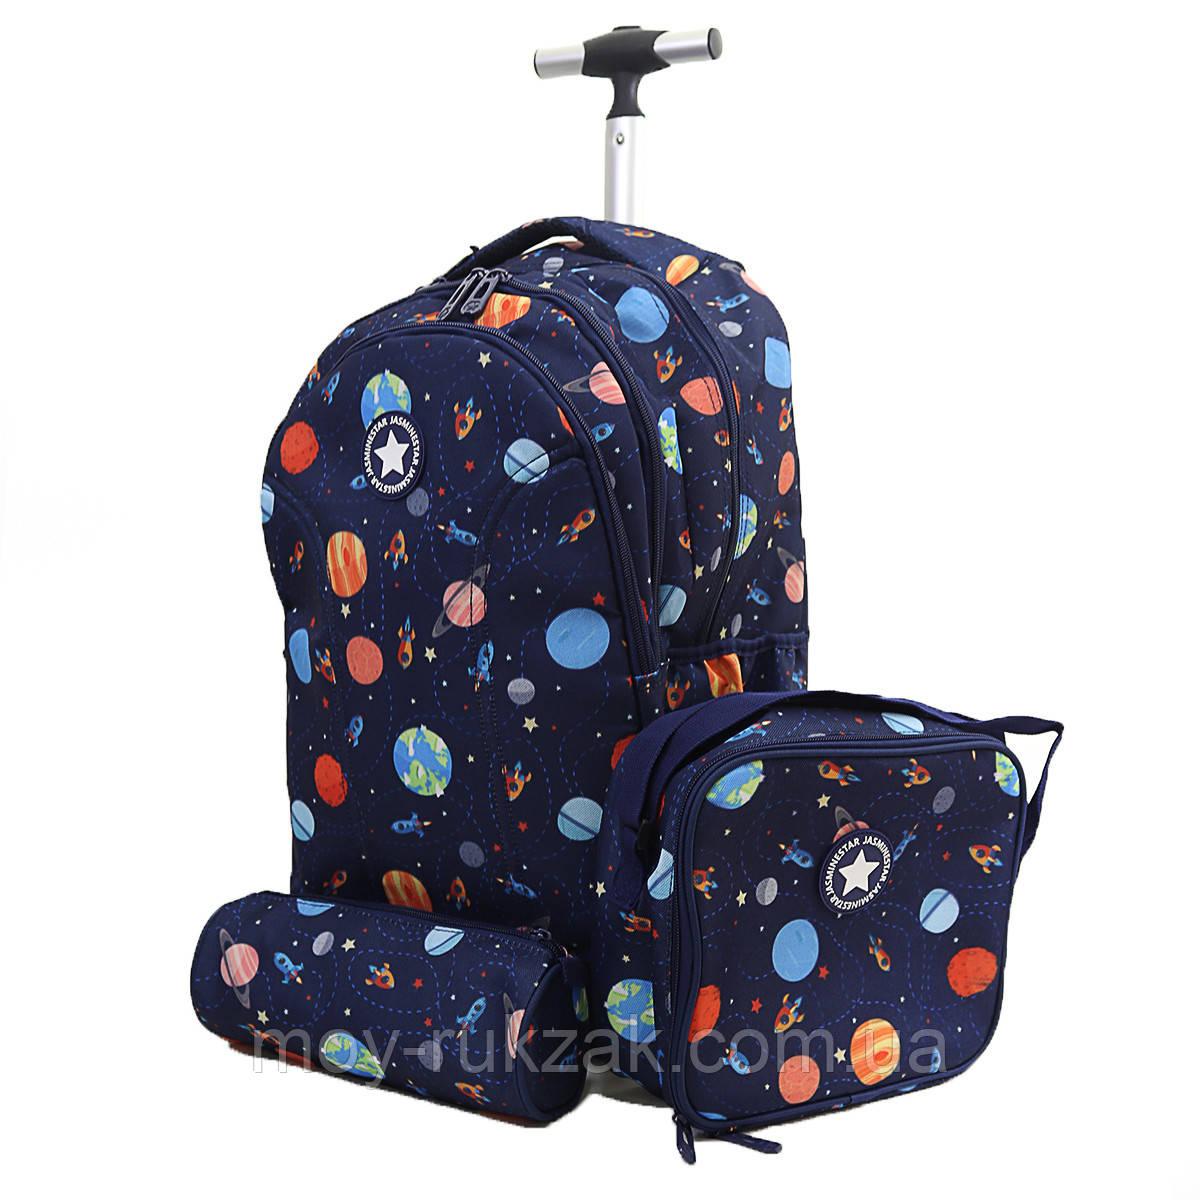 """Набор: детский тканевый чемодан-рюкзак на колесах + термо-сумка + пенал """"Space"""" 520498"""